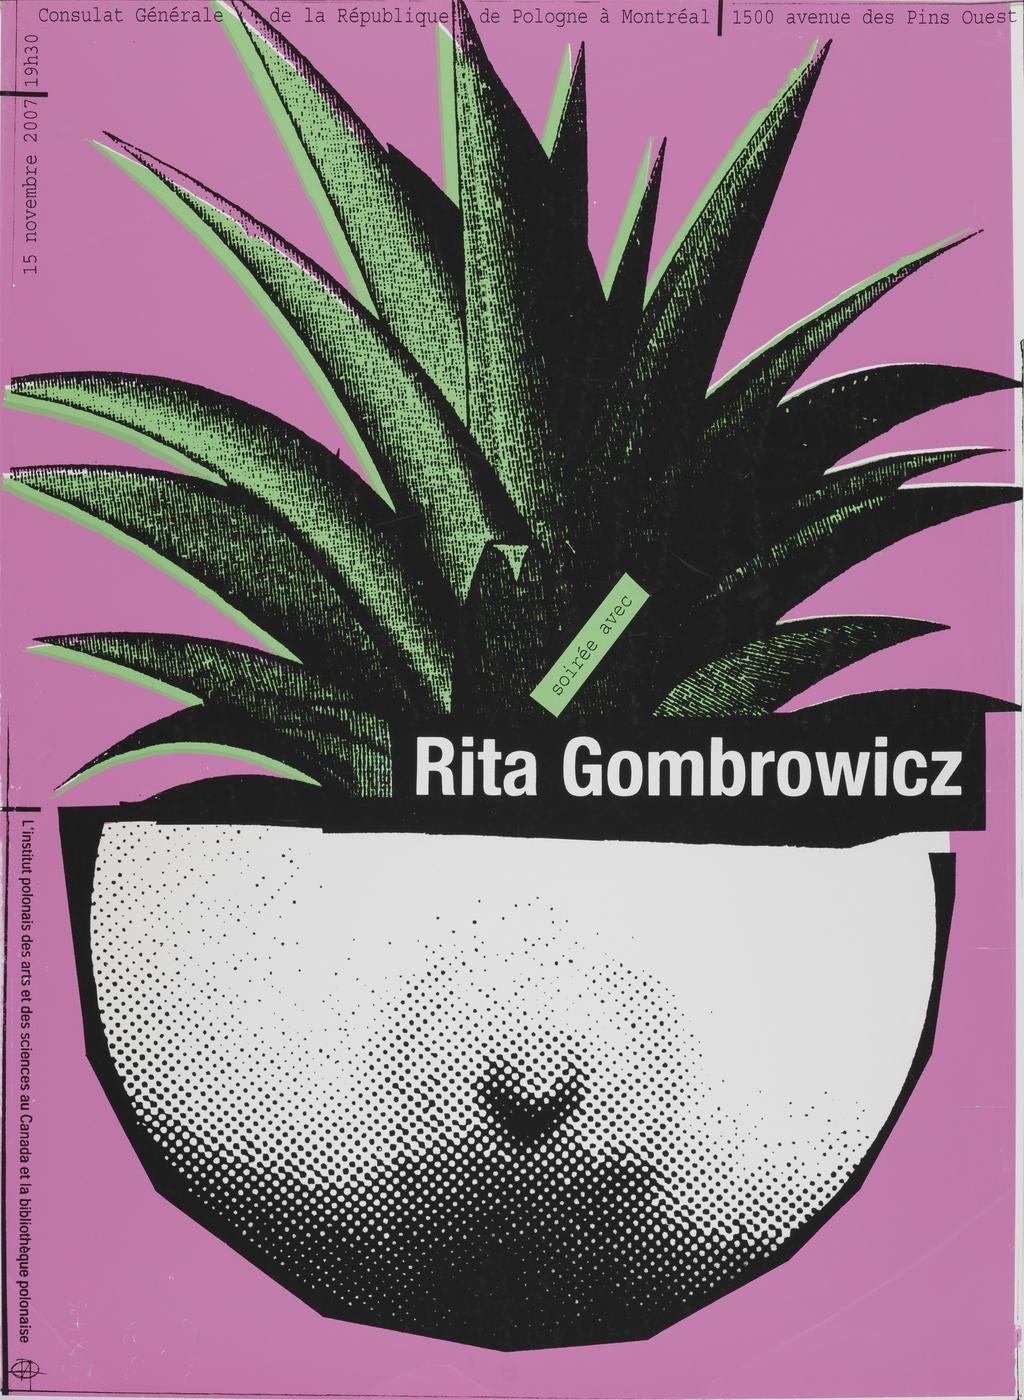 Soirée avec Rita Gombrowicz